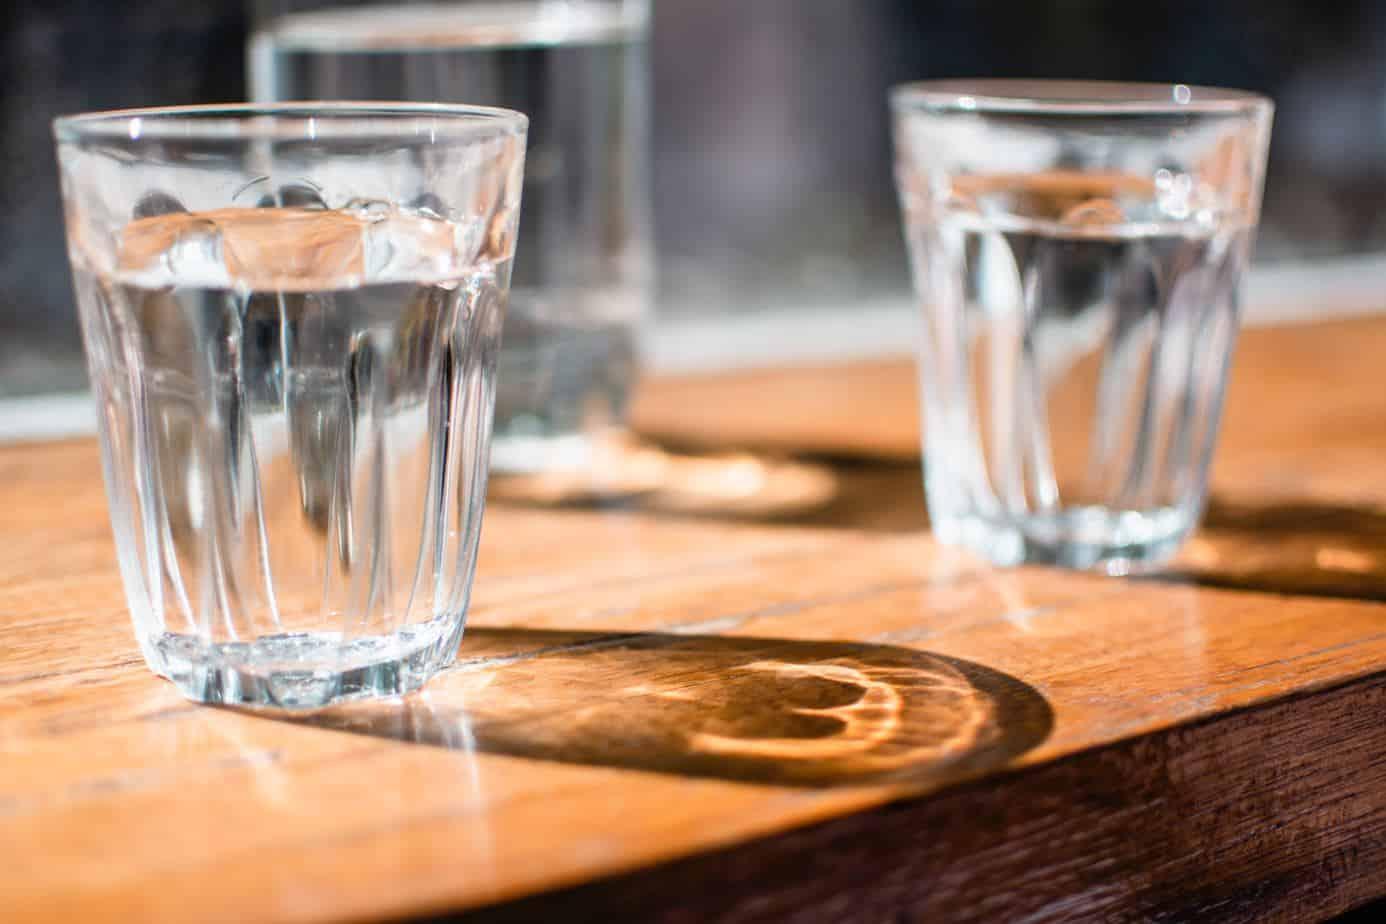 Begin de dag met 2 glazen water